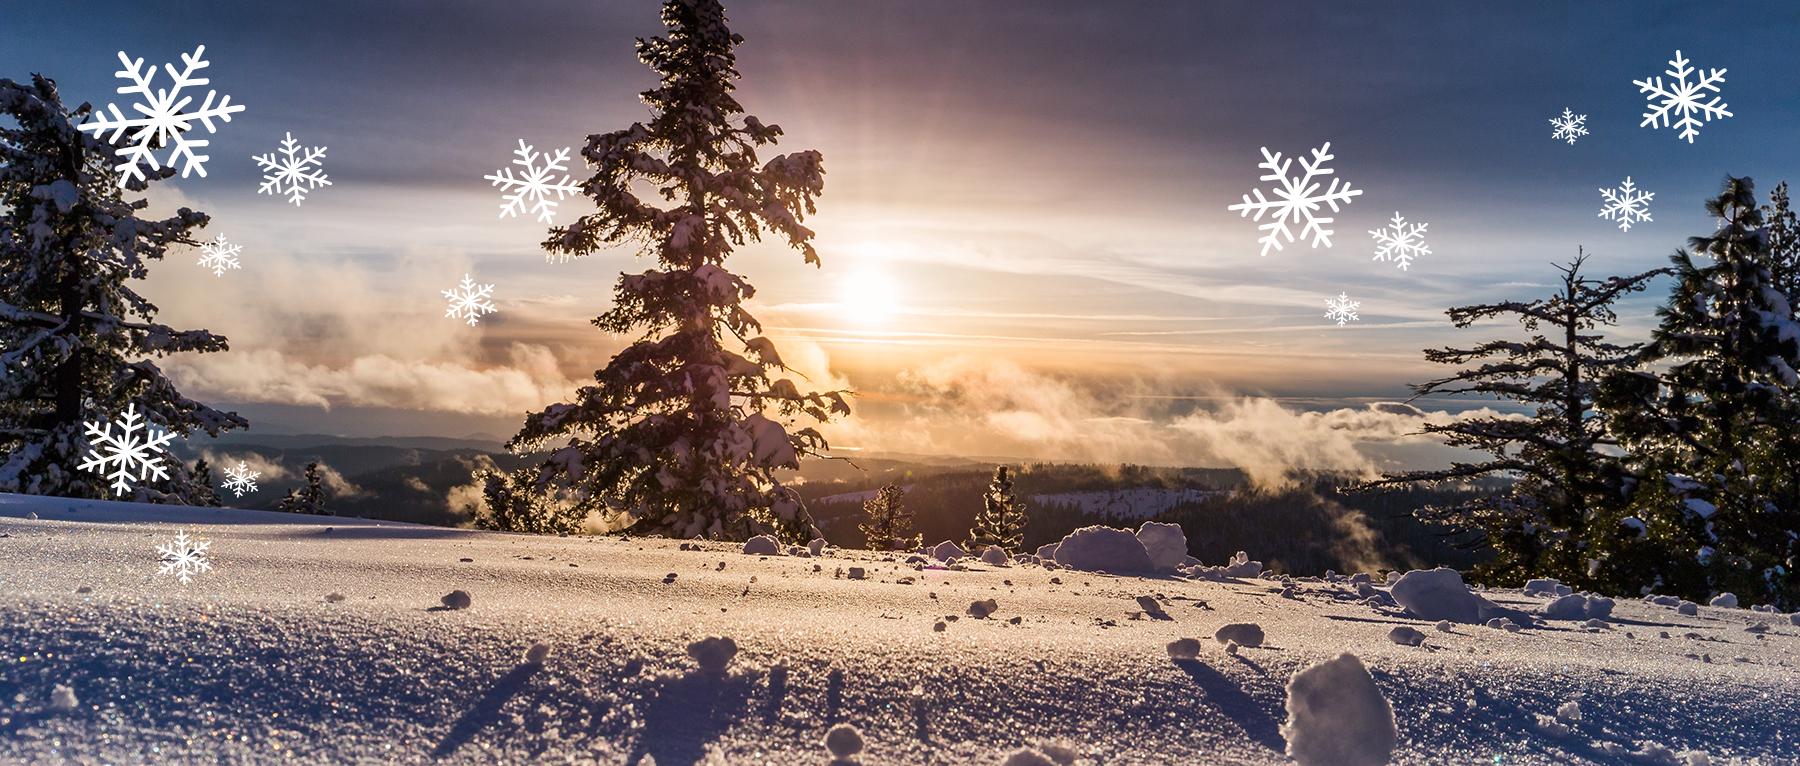 Banner_Winteraktionswochen_Starseite_03.jpg